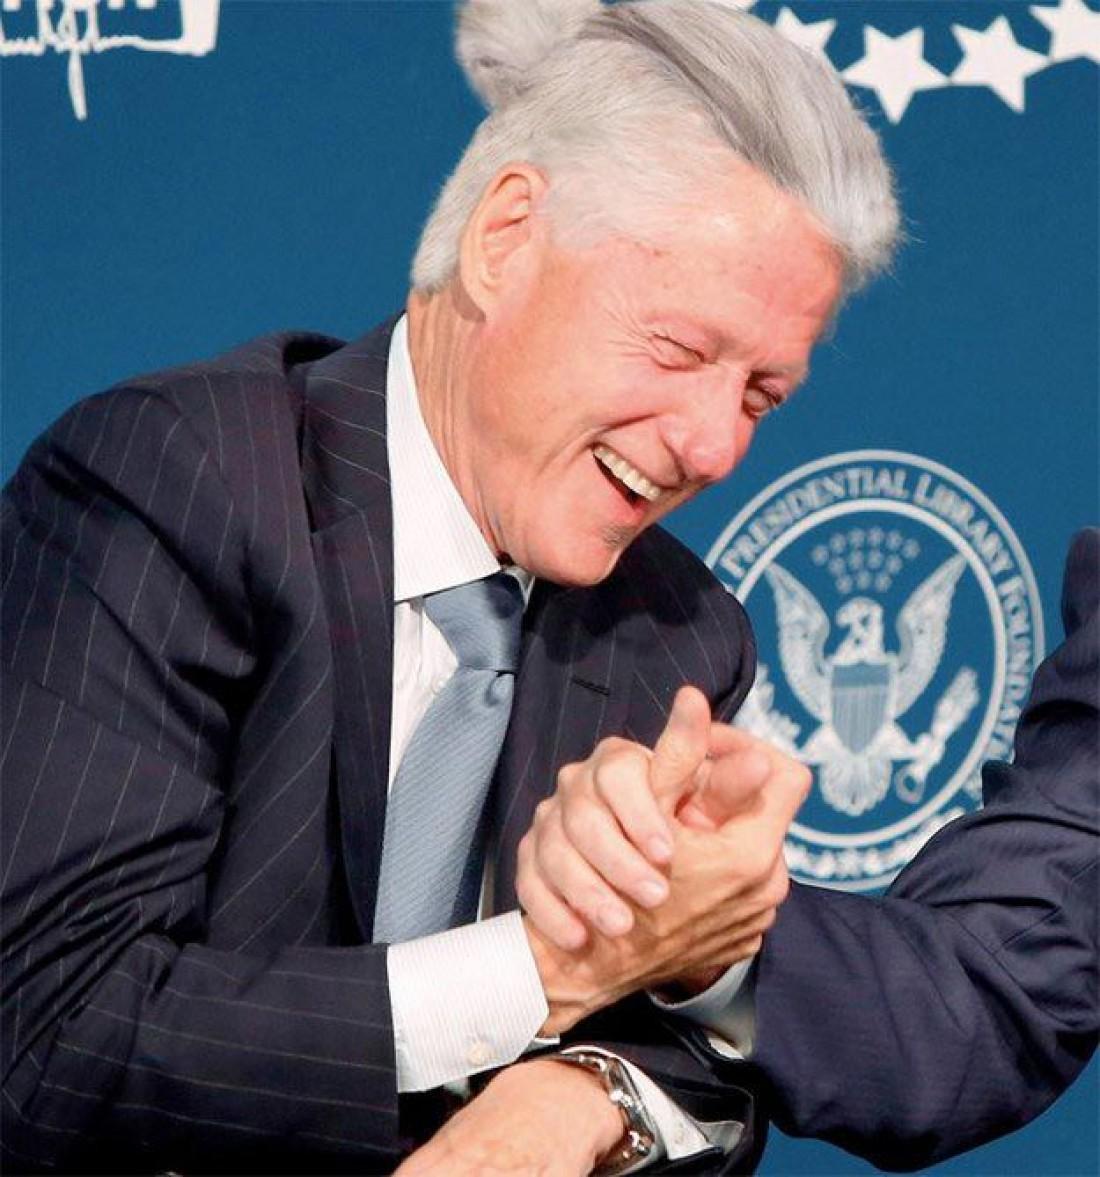 Билл Клинтон — 42-й Президент США от Демократической партии. До своего избрания на пост президента США Клинтон пять раз избирался губернатором штата Арканзас